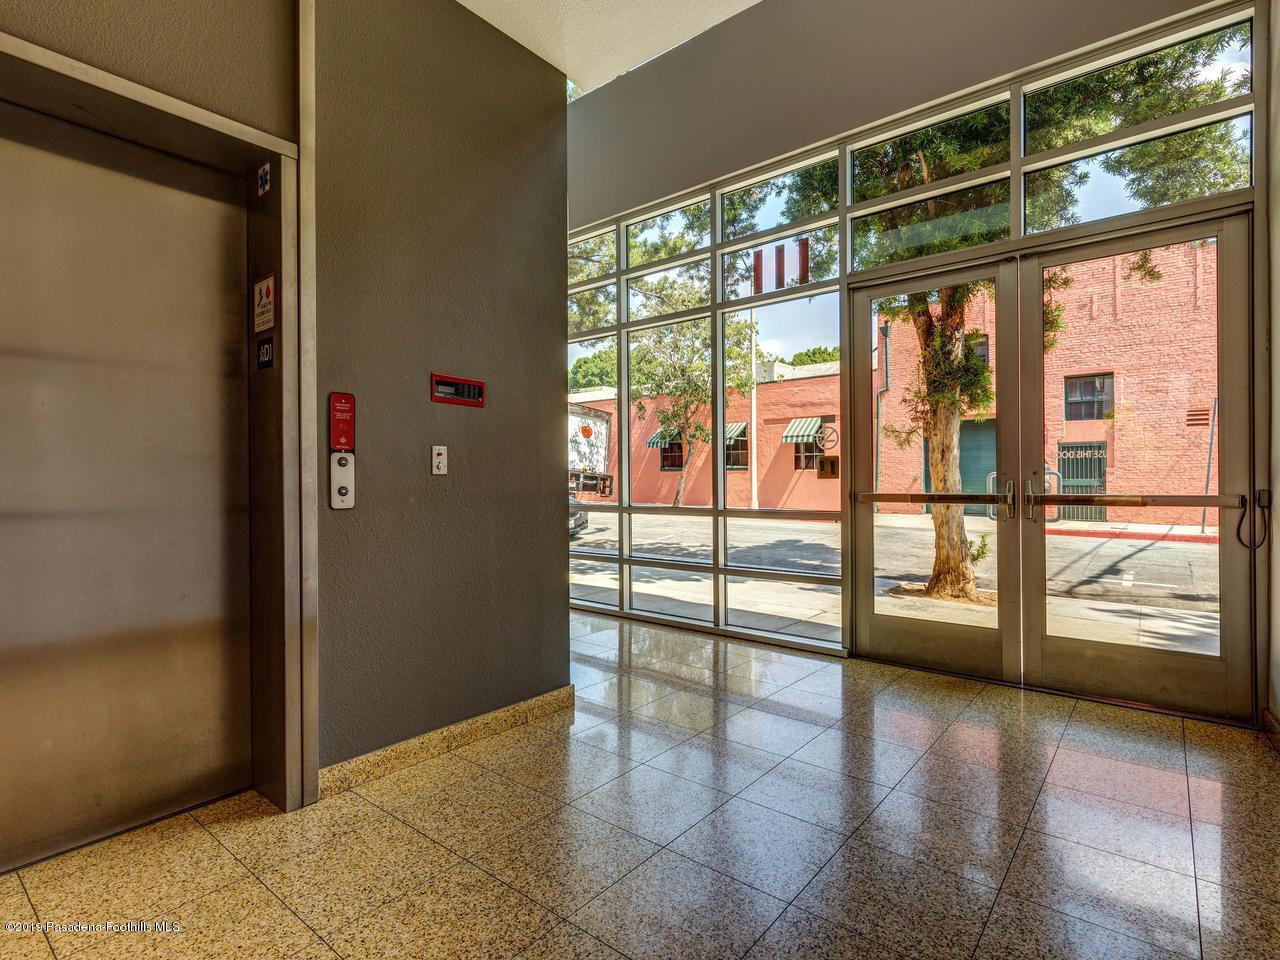 111 DE LACEY, Pasadena, CA 91105 - DeLacey Lobby